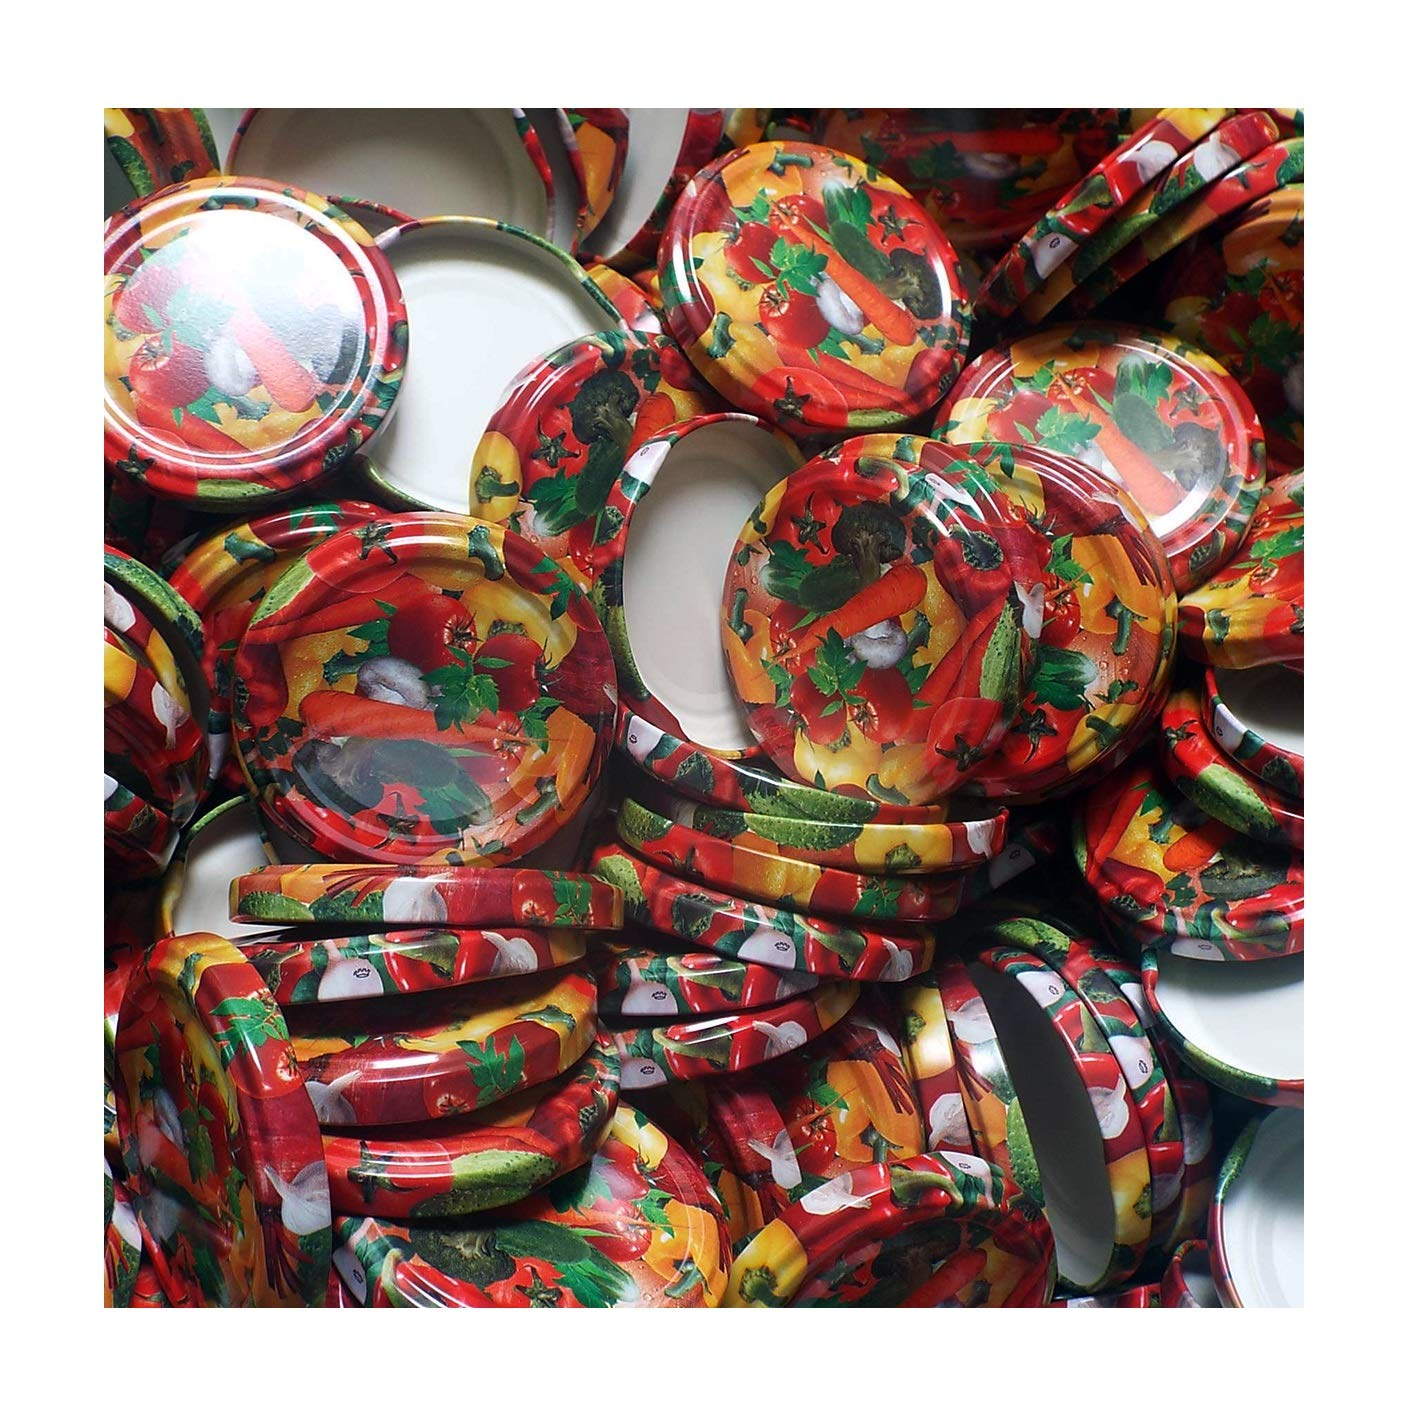 Biene SAMMELT NEKTAR x 25 ST/ÜCK SCHRAUBDECKEL F/ÜR GL/ÄSER /• Twist Off Deckel VERSCHL/ÜSSE /• ERSATZDECKEL /• 25,50,100,150,200,250,500 ST/ÜCK /• GRO/ßE Auswahl Verschiedene GR/Ö/ßEN UN Crown TO66